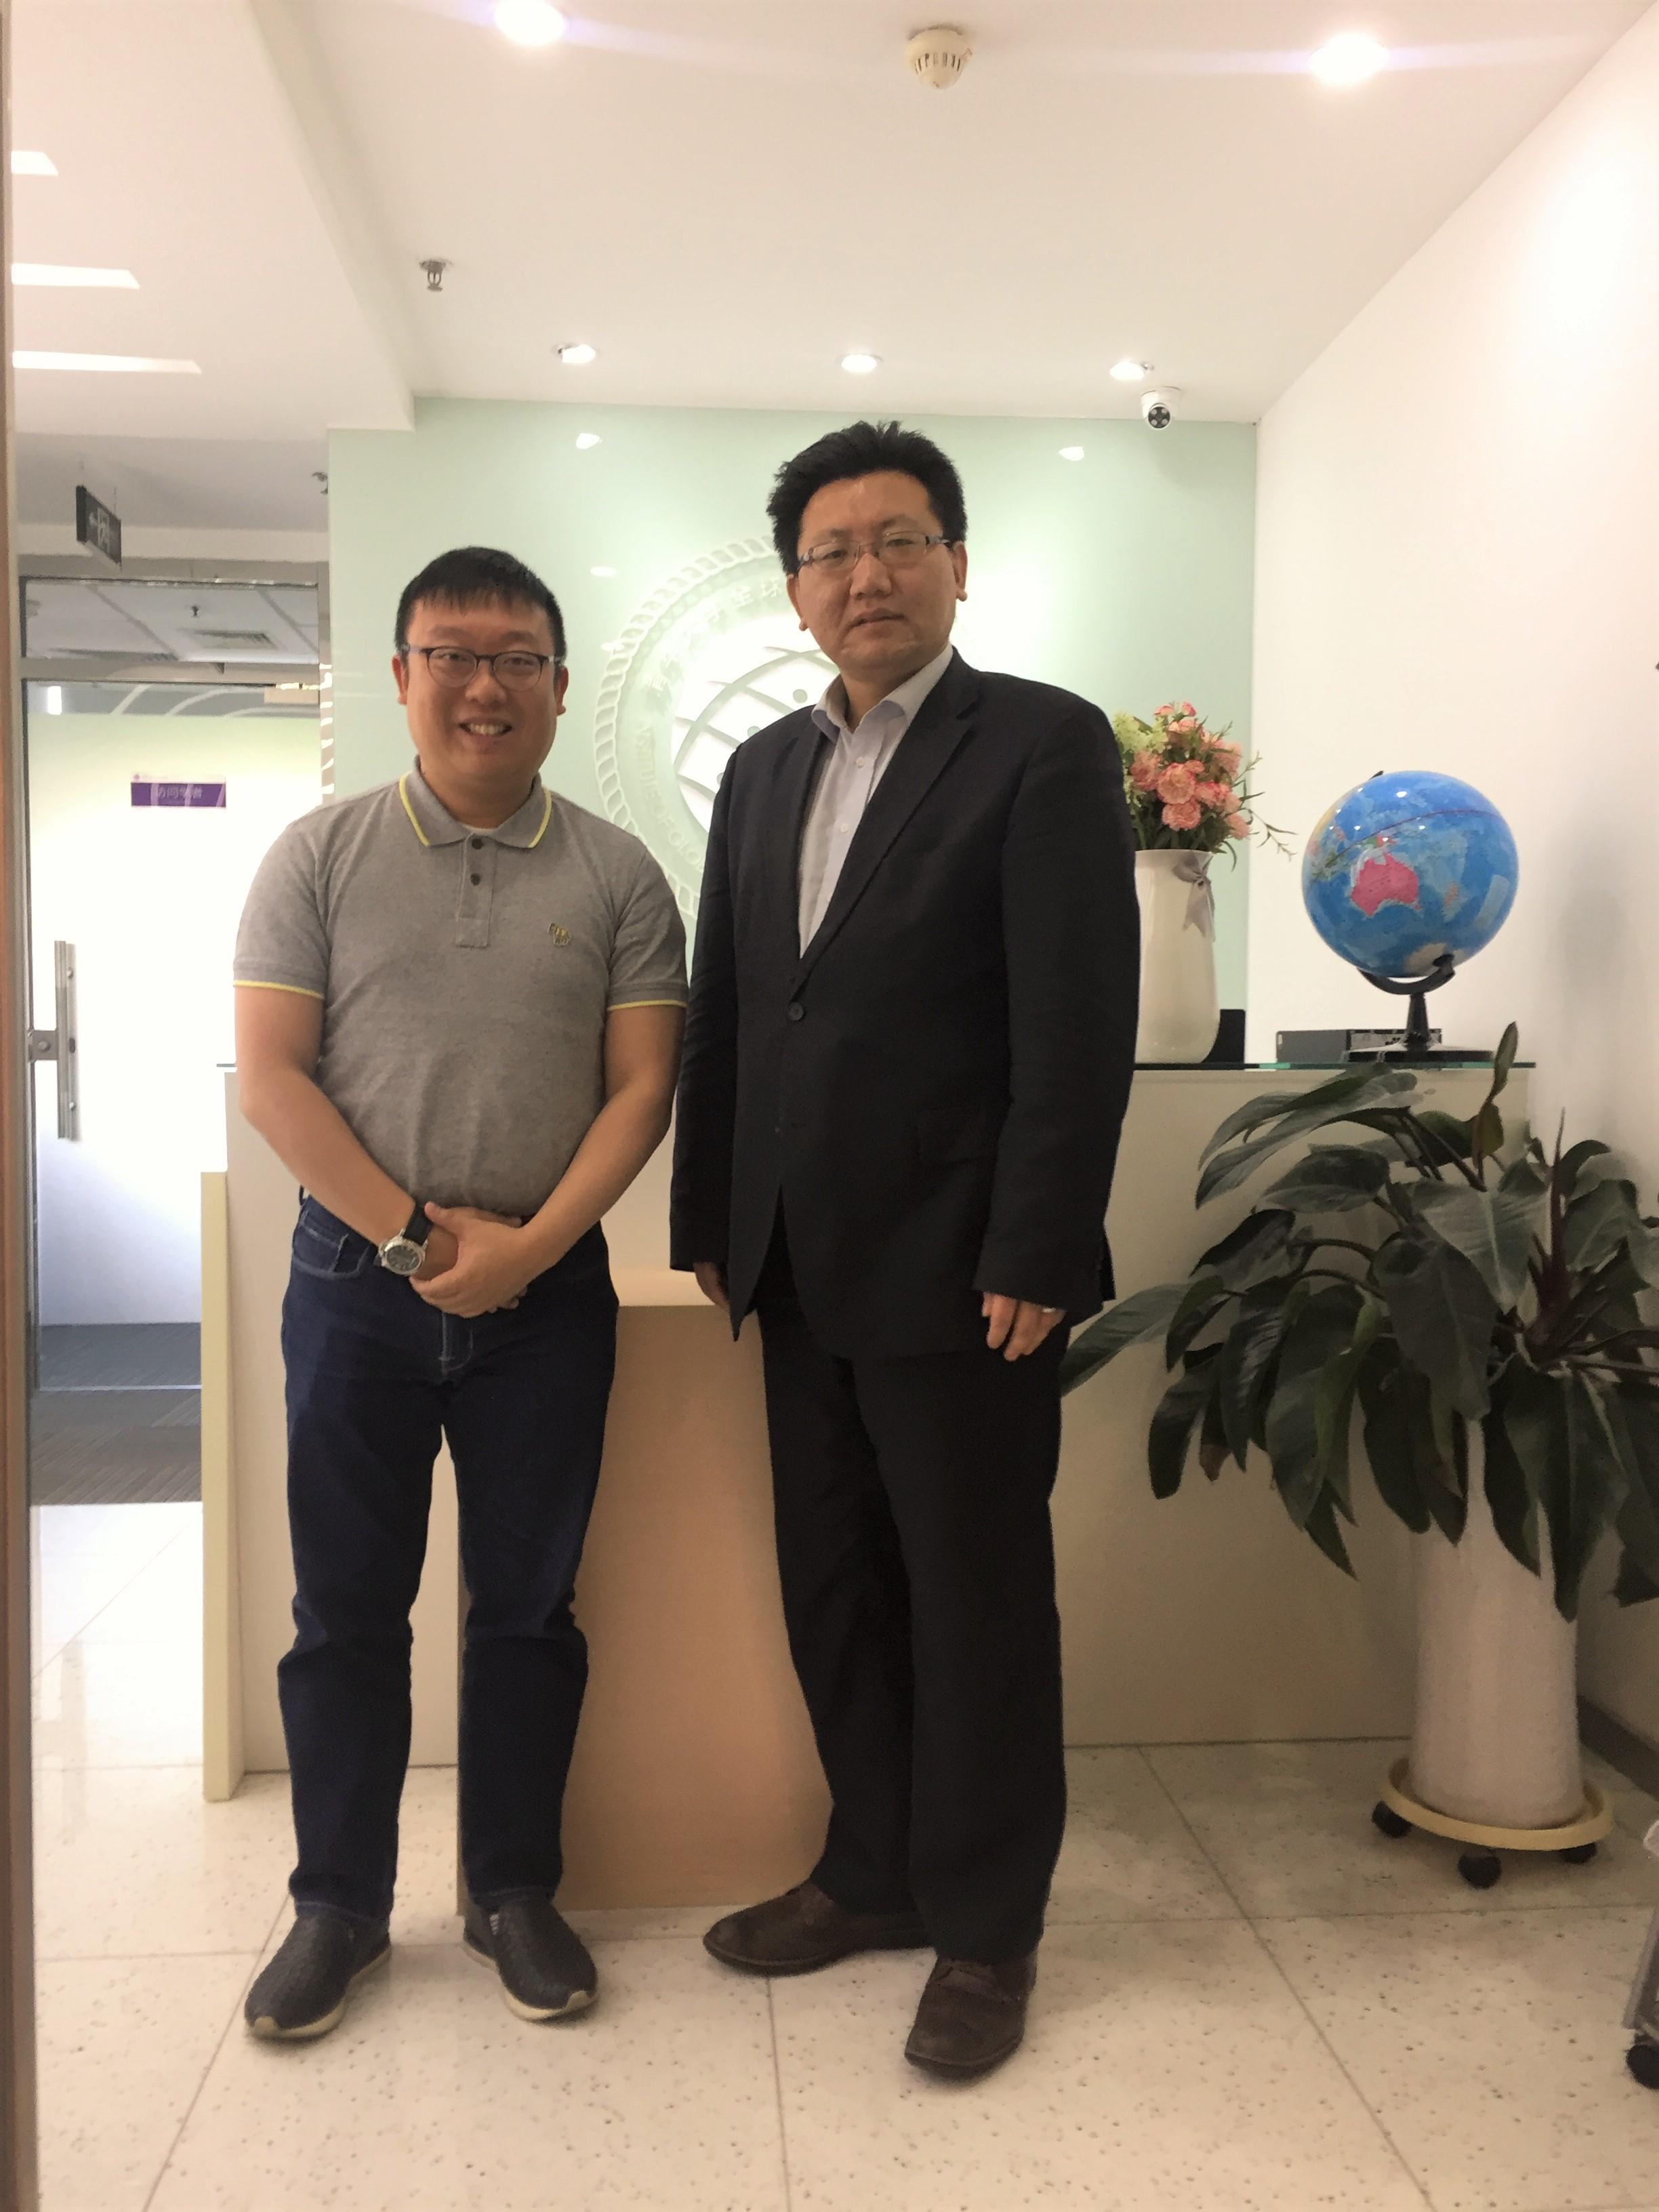 拜訪北京清華大學研究中心